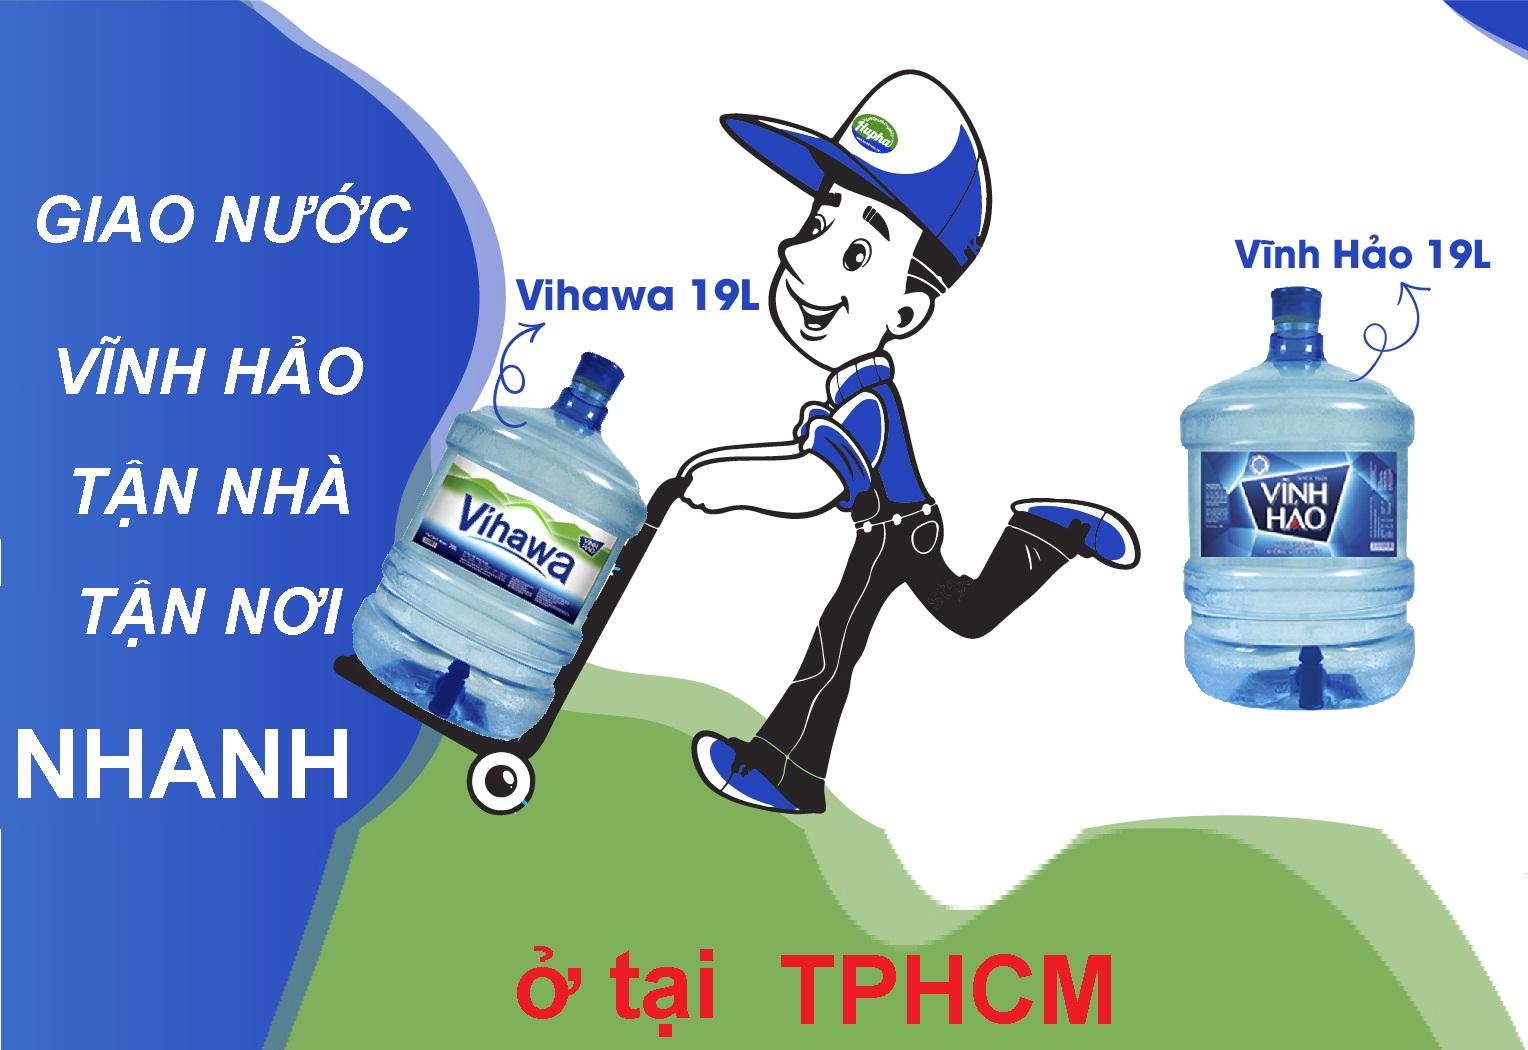 Giao nước Vĩnh Hảo tận nơi ở tại tphcm- GIAO NUOC VINH HAO TPHCM